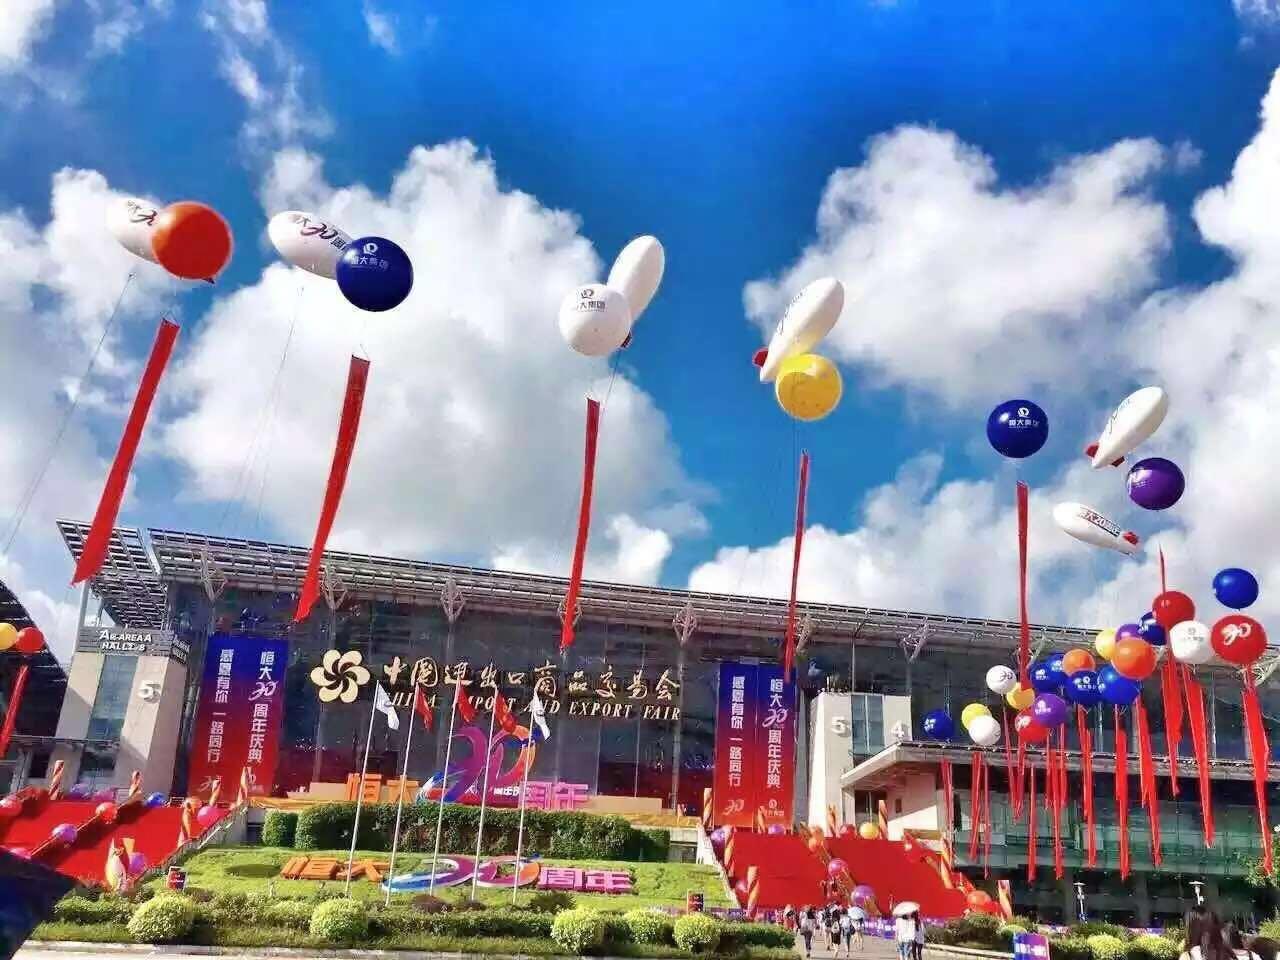 广州升空气球供应,空飘气球供应,大气球代充